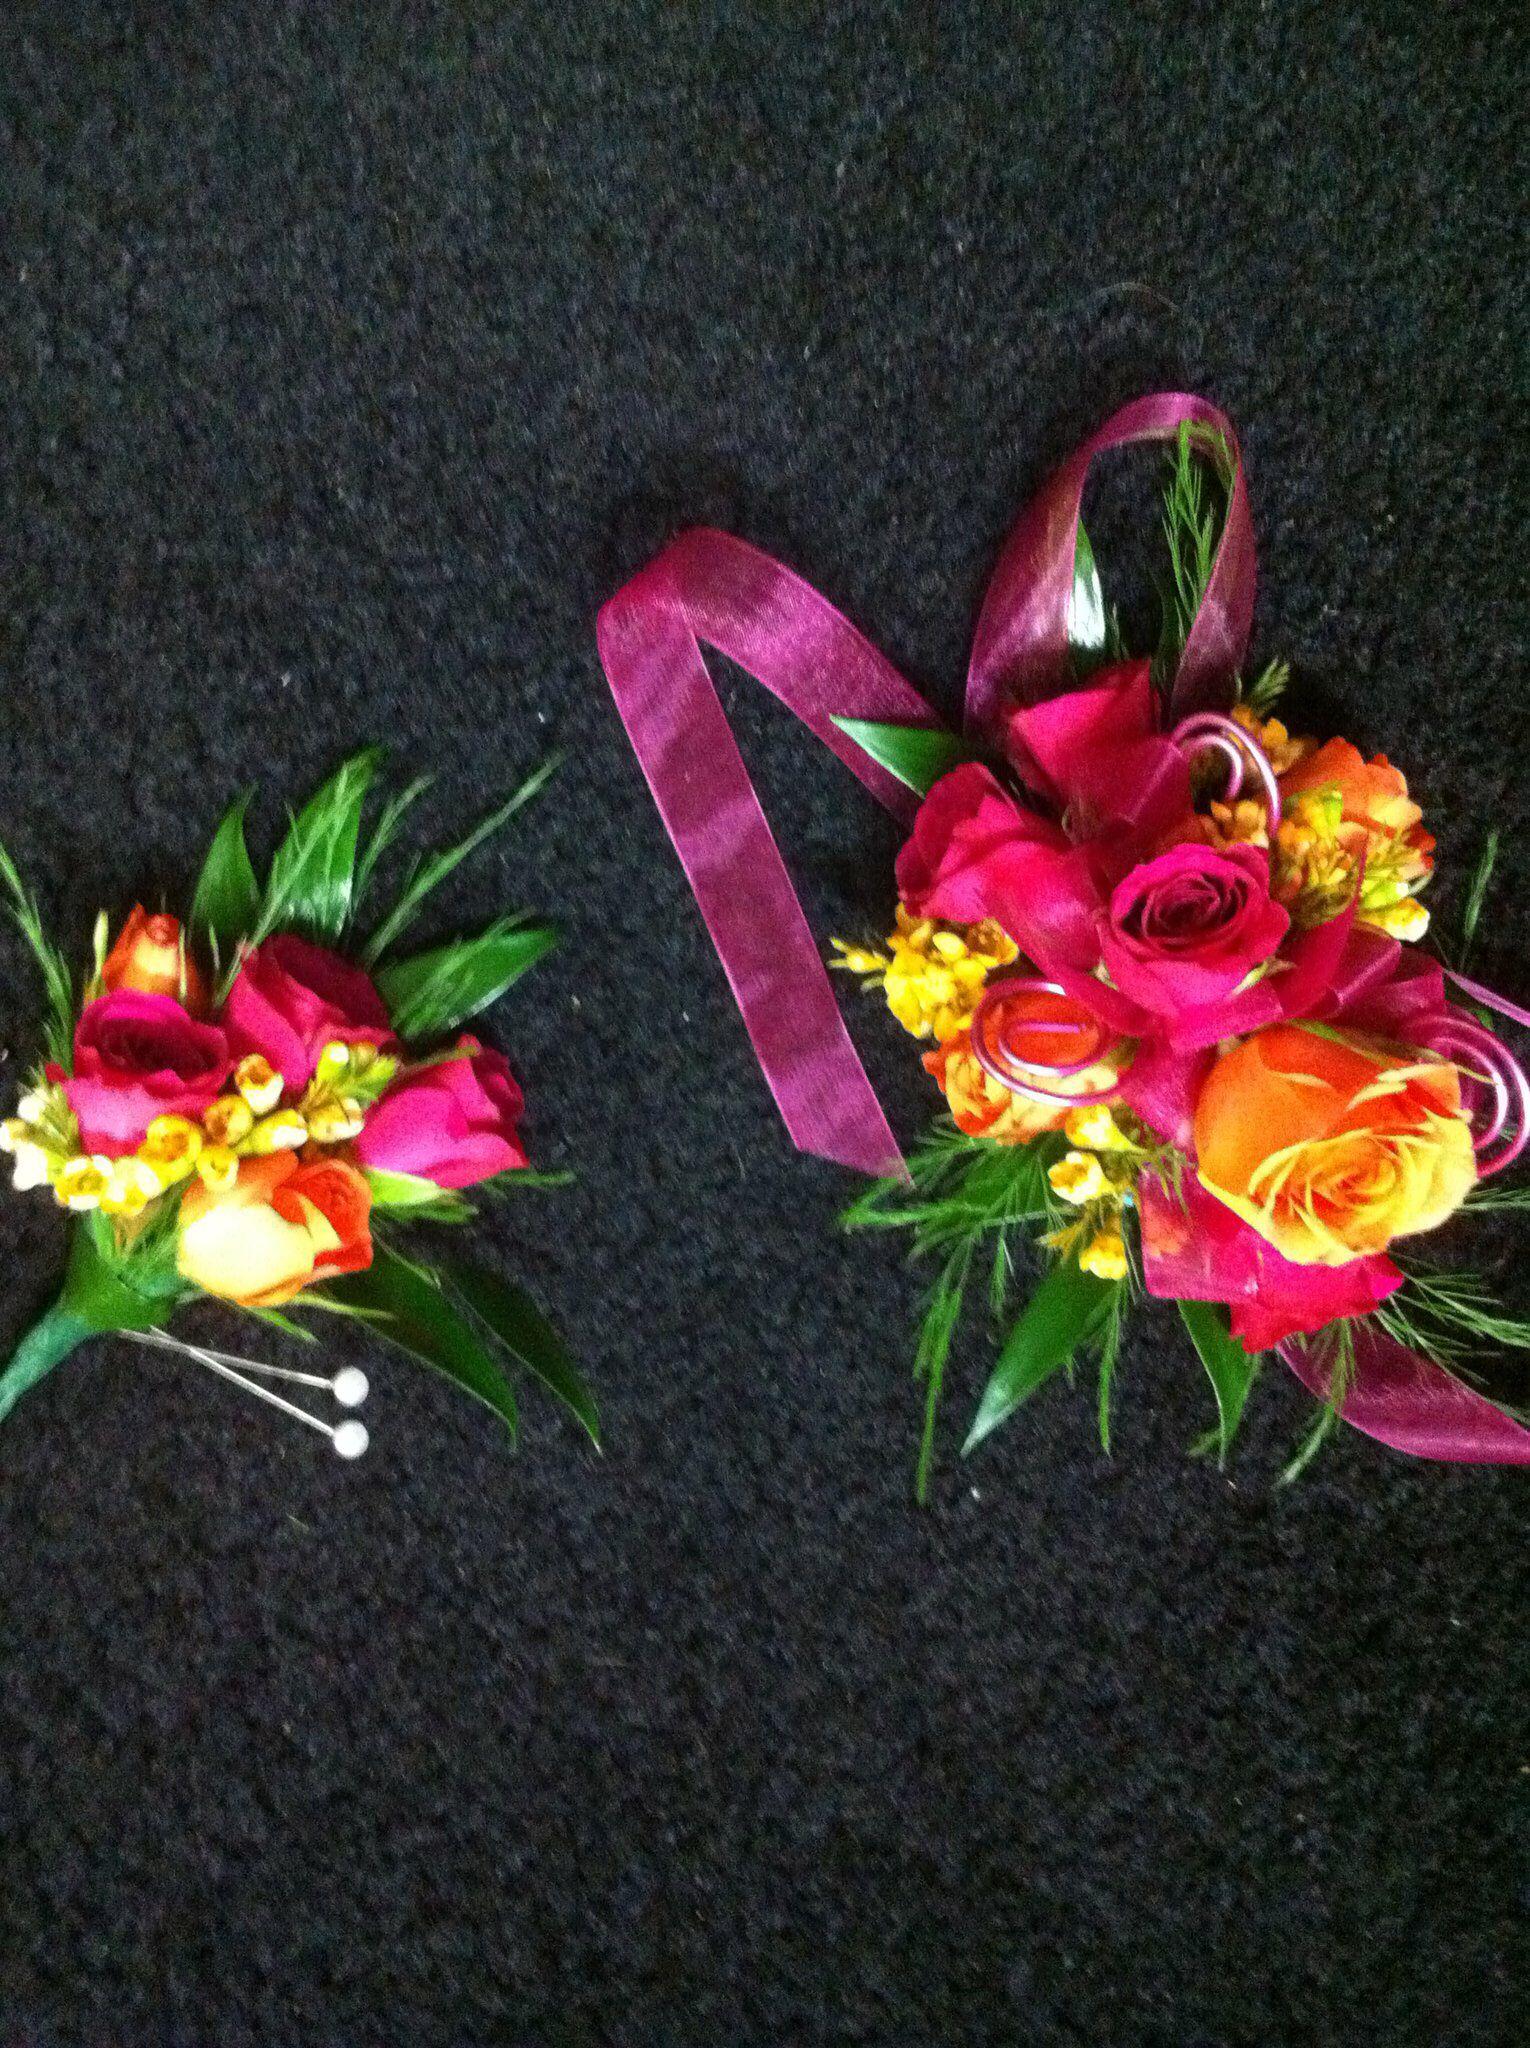 Rose Garden Florist Paducah Kentucky Wrist Corsage Boutonniere Spray